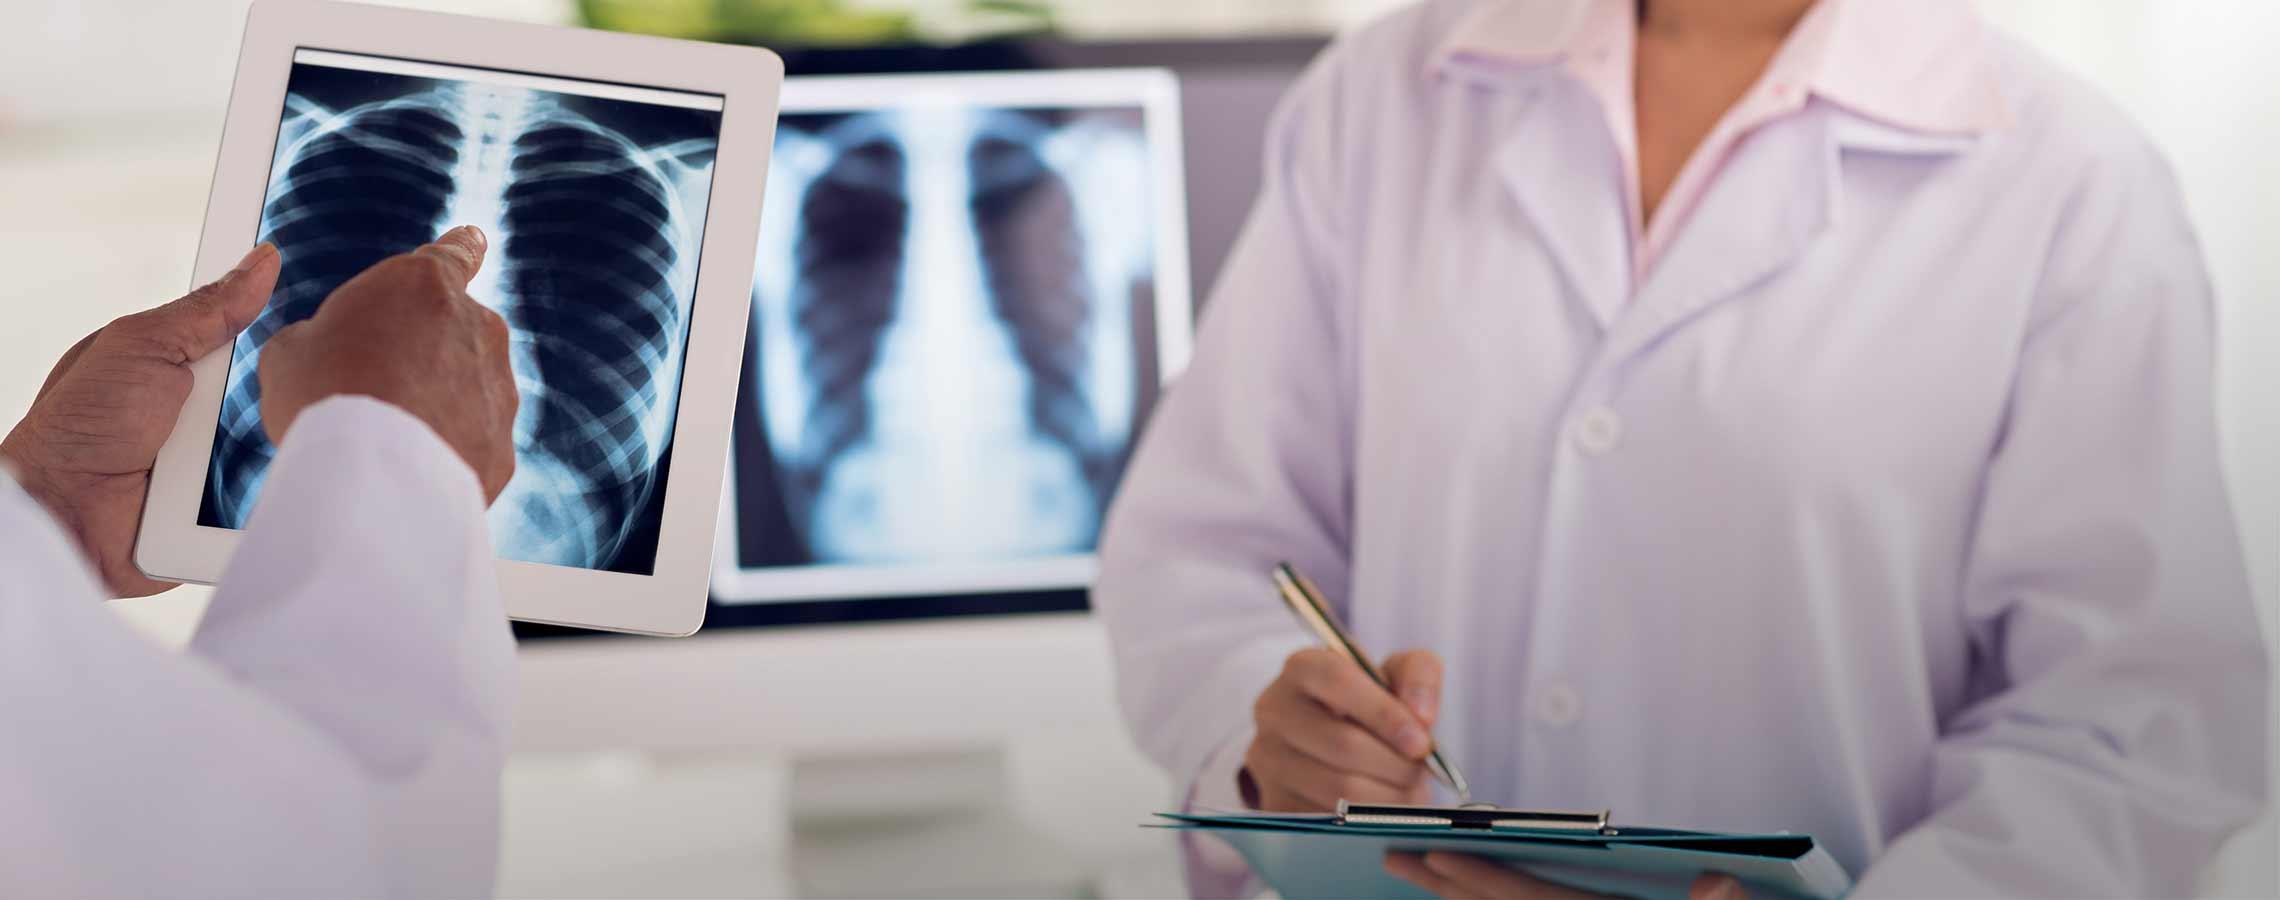 Radiografie a domicilio in Piemonte e Lombardia